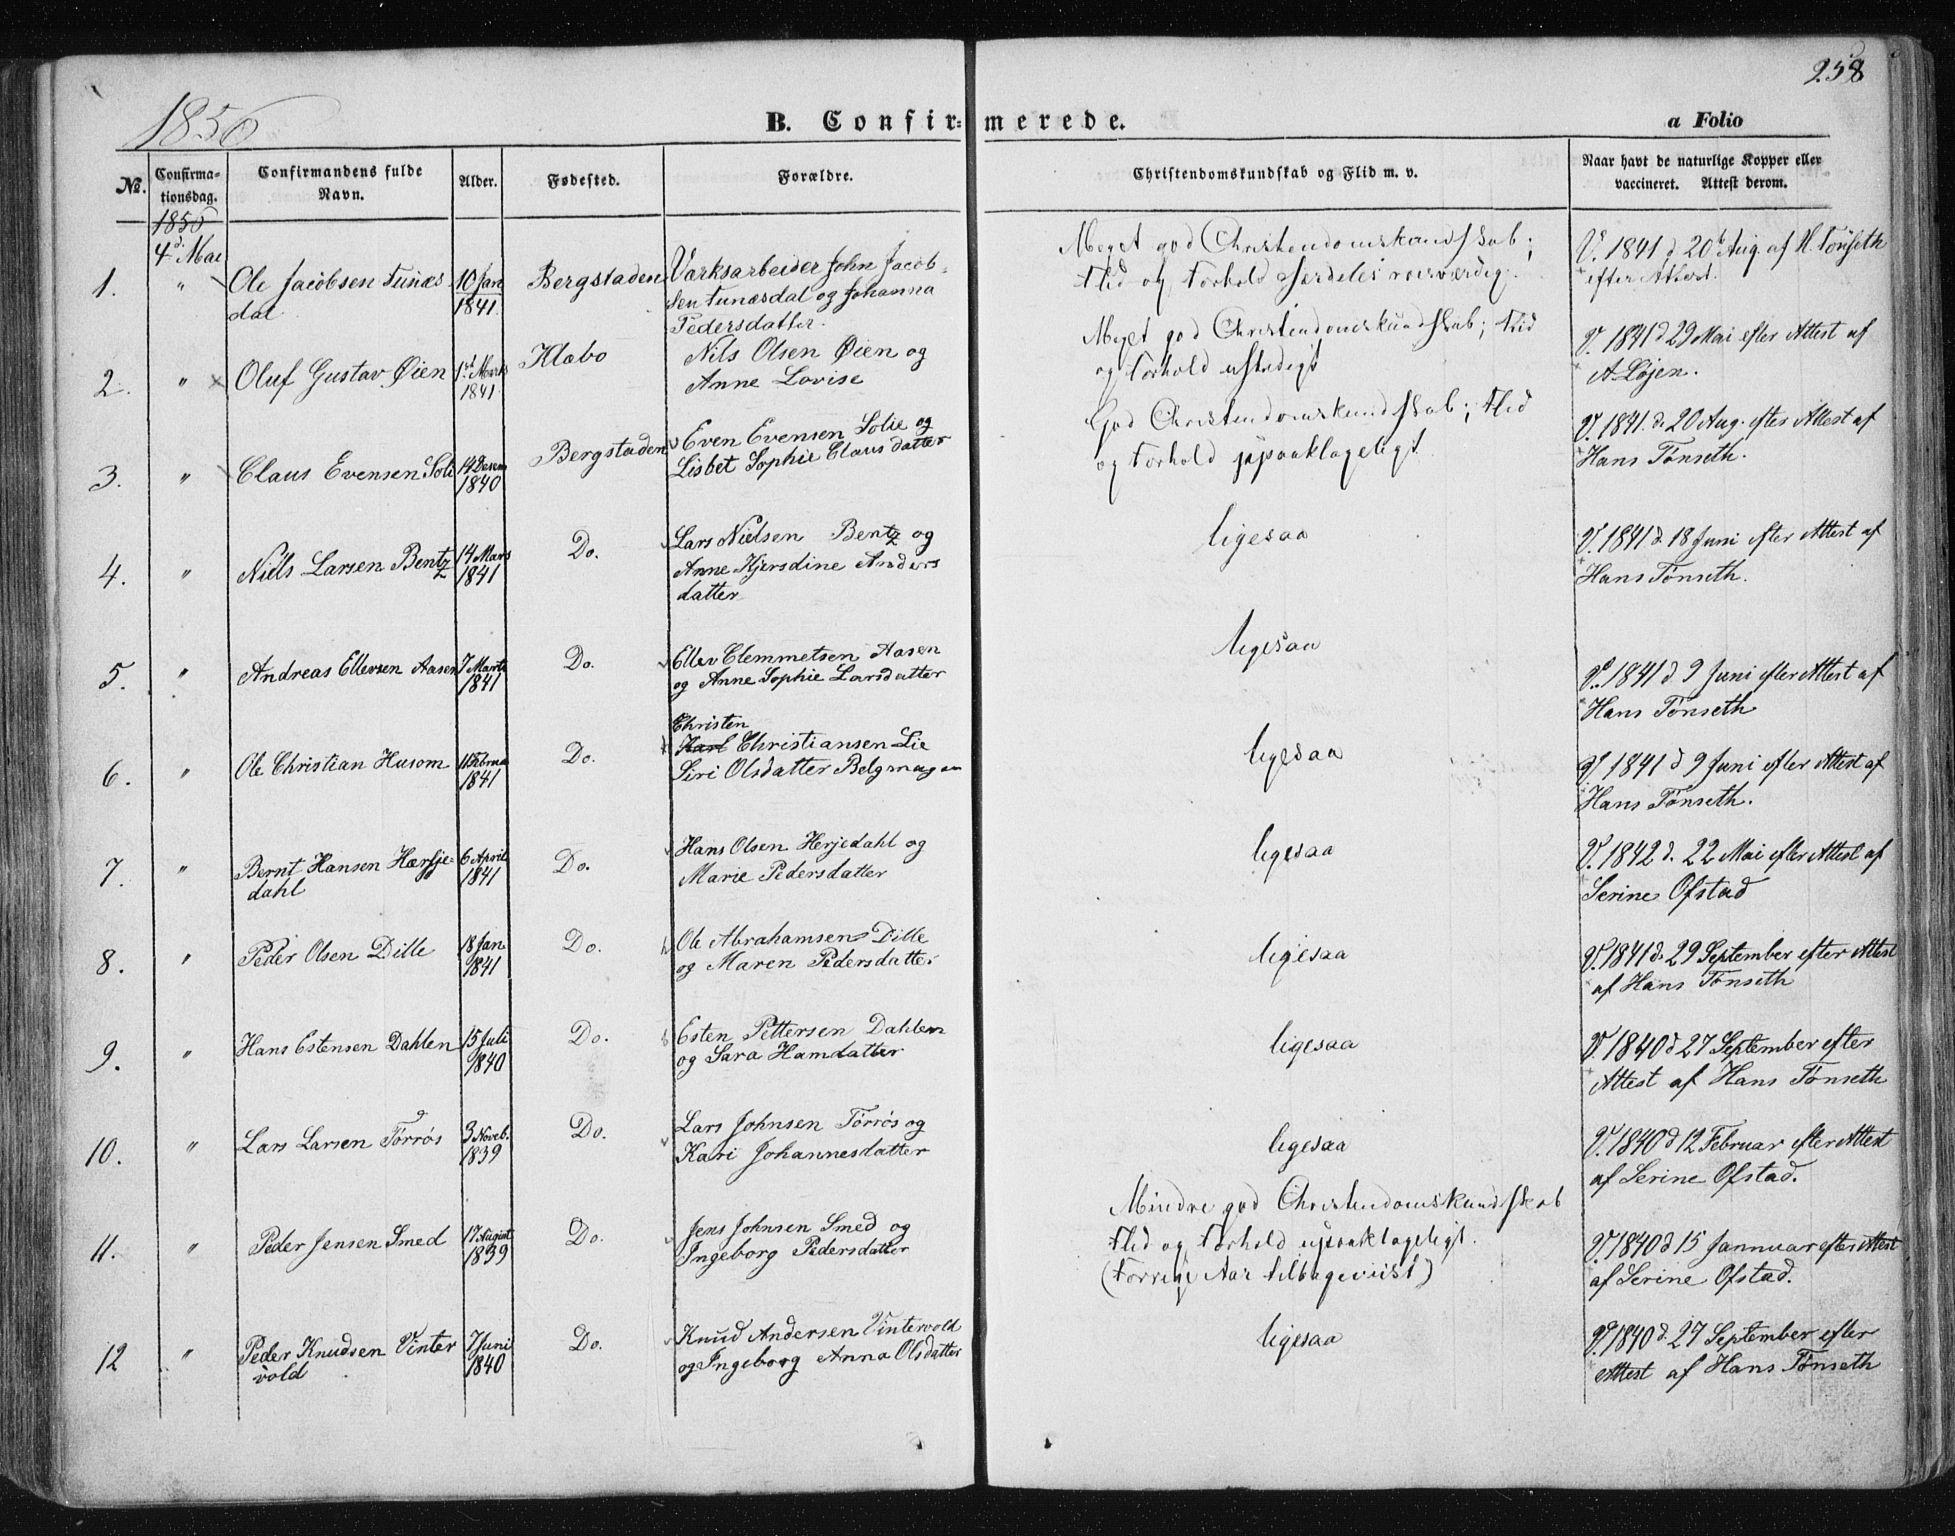 SAT, Ministerialprotokoller, klokkerbøker og fødselsregistre - Sør-Trøndelag, 681/L0931: Ministerialbok nr. 681A09, 1845-1859, s. 258